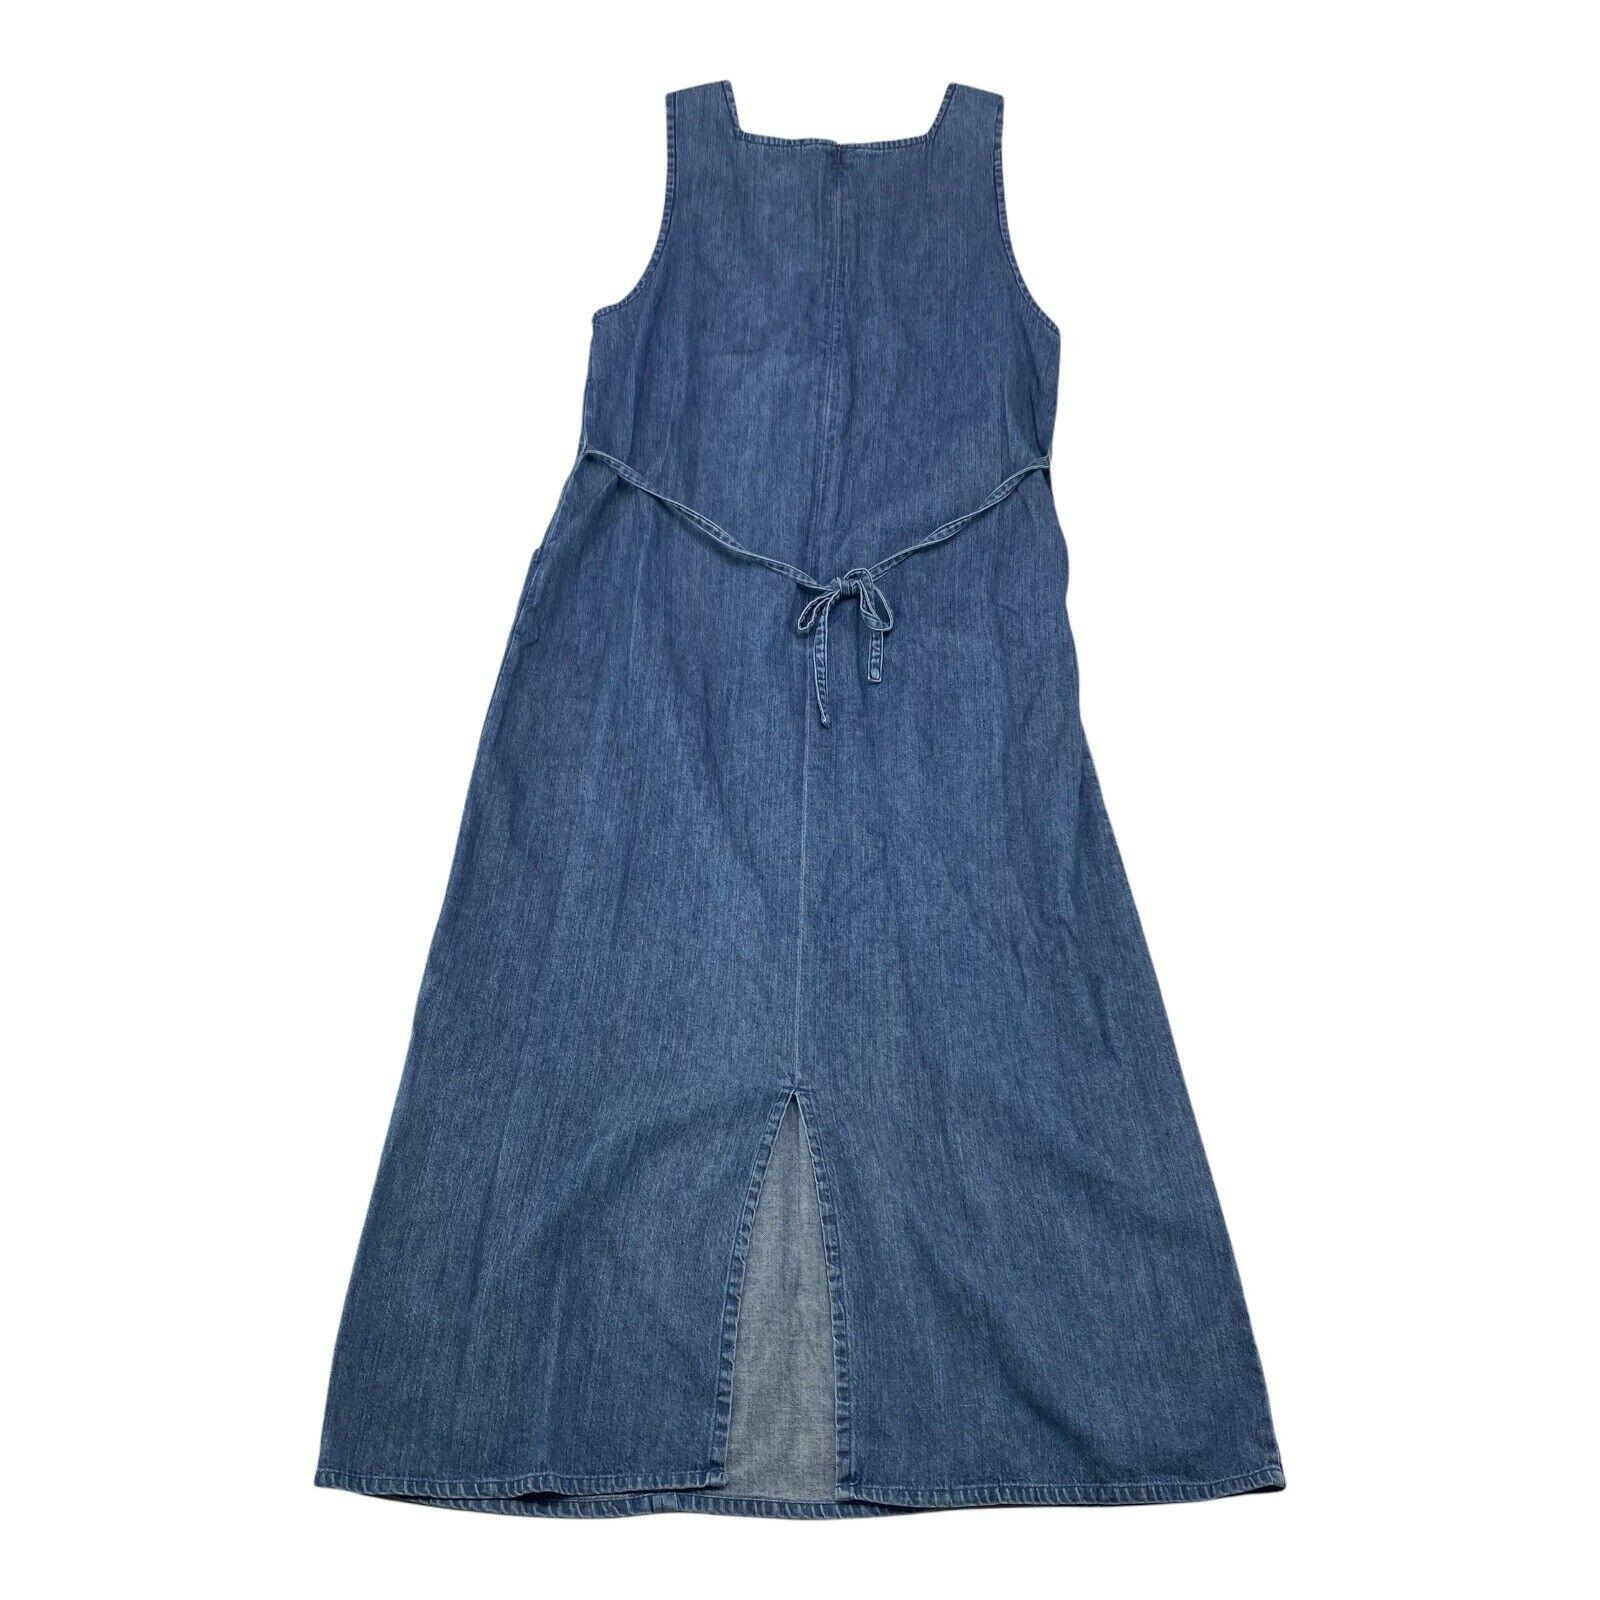 Womens Size 12P LL Bean Dress Jean Denim Apron Bl… - image 3